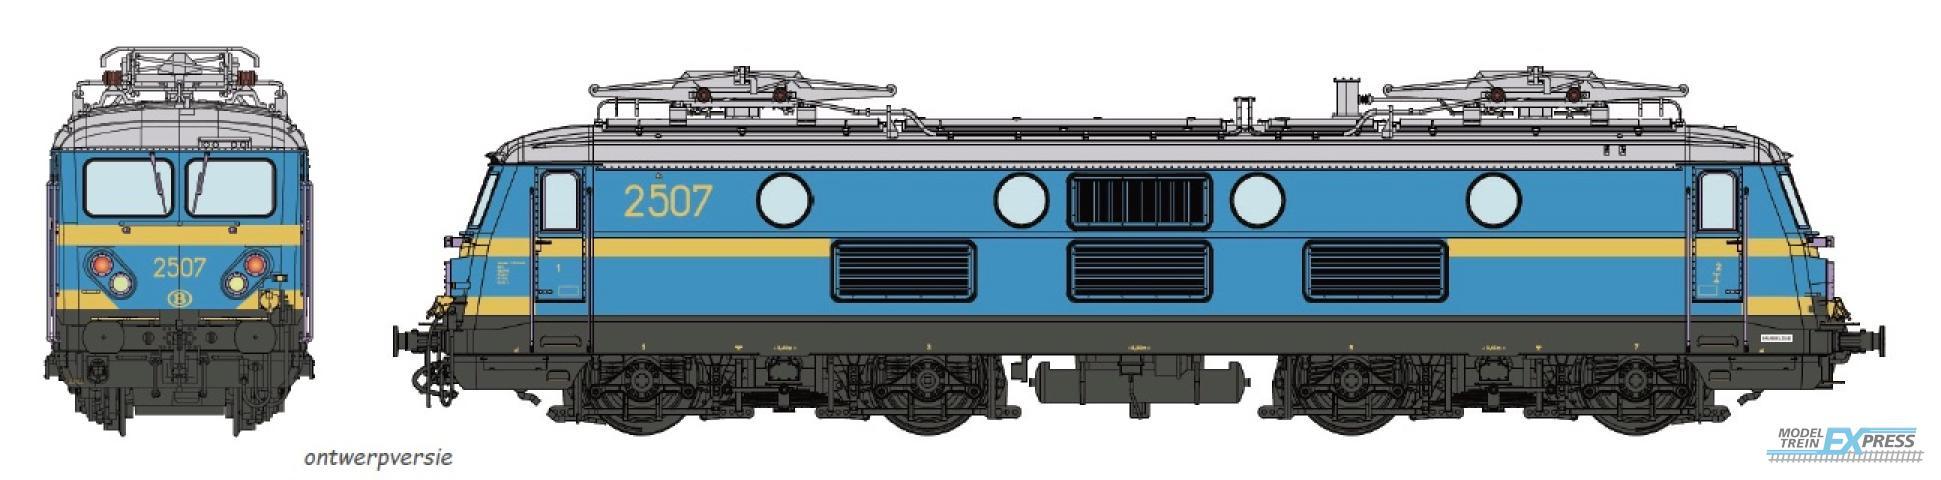 B-Models 3205.07